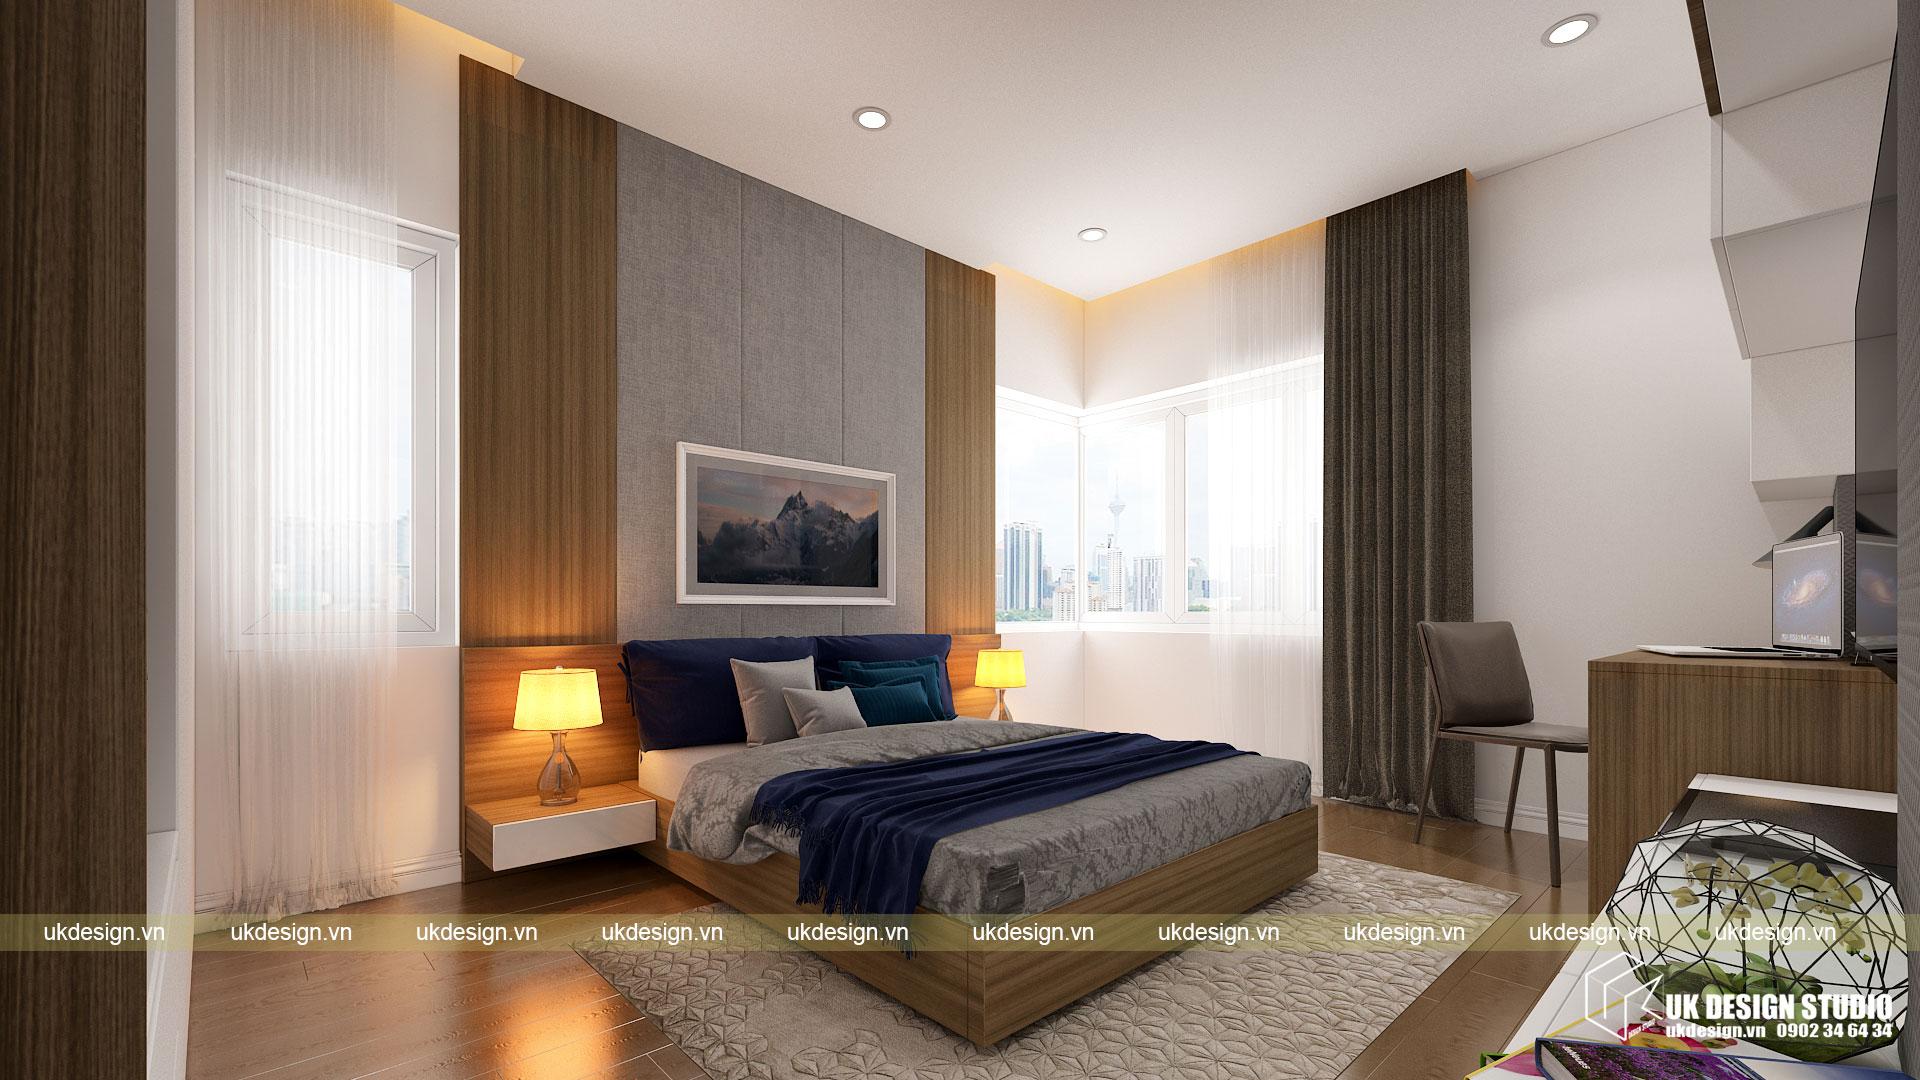 Thiết kế nội thất căn hộ 60m2 Hưng Lộc Phát 7